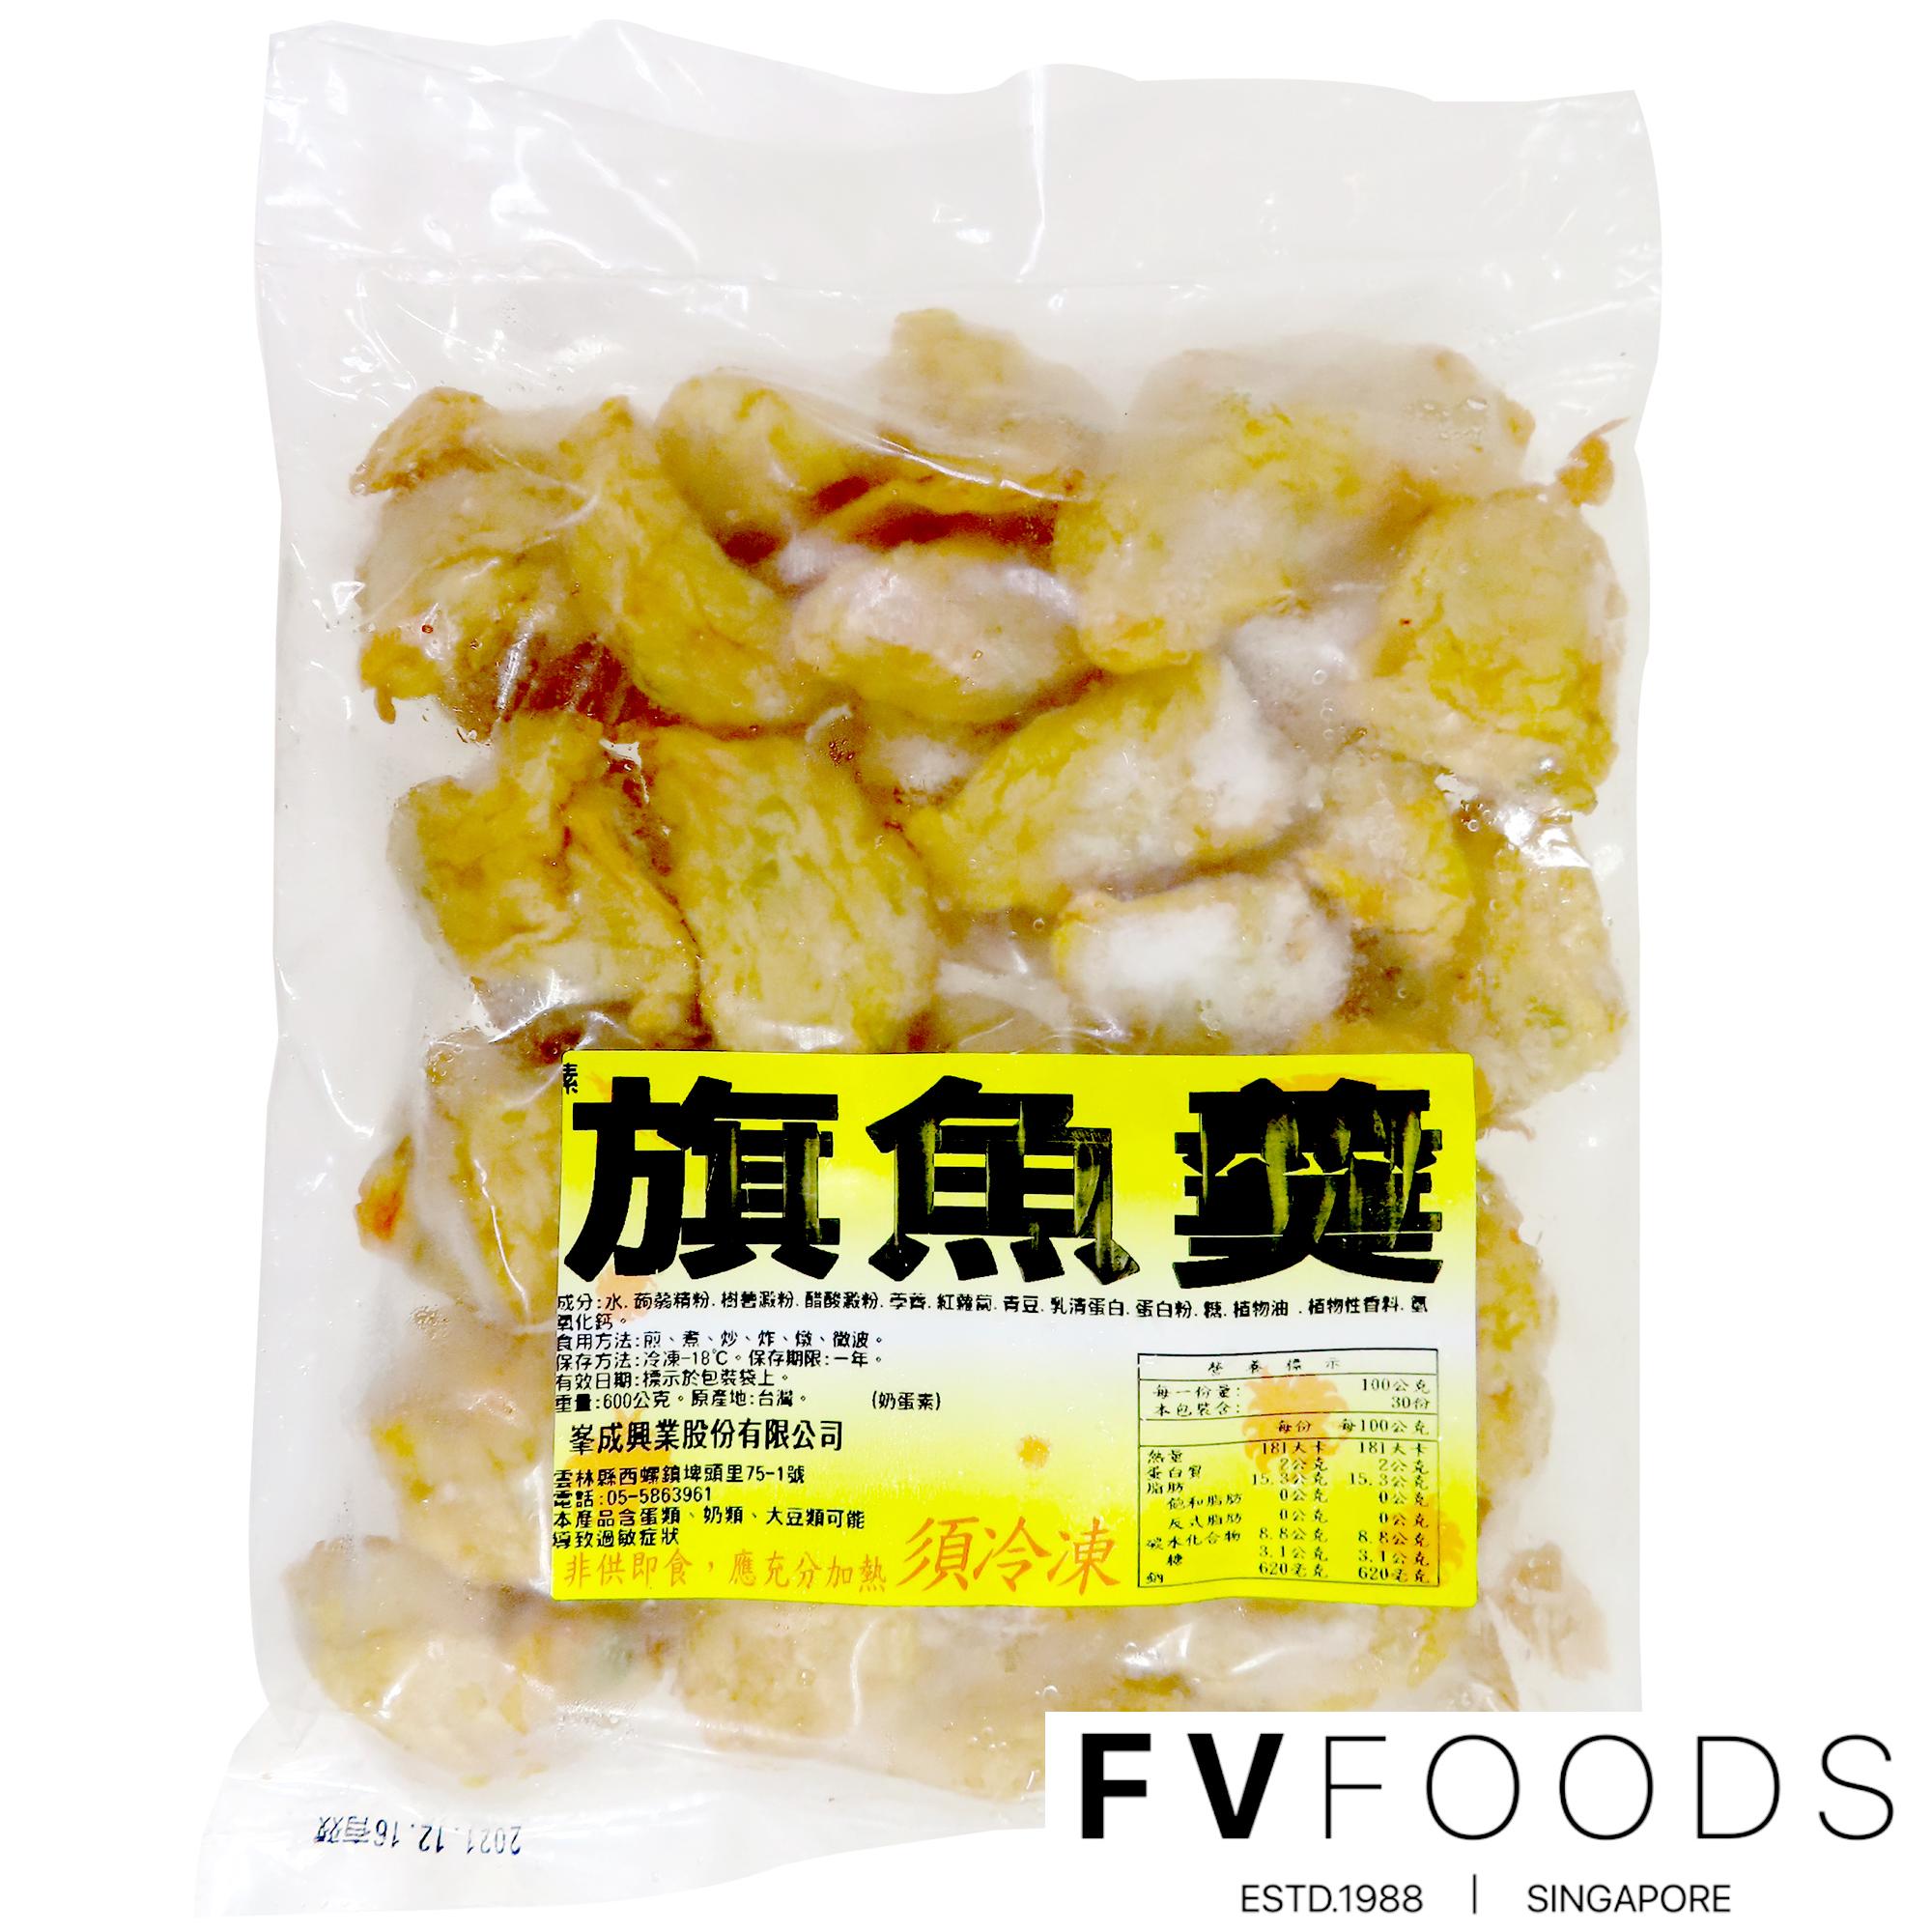 Image Qi Yu Geng 旗鱼羹 600grams